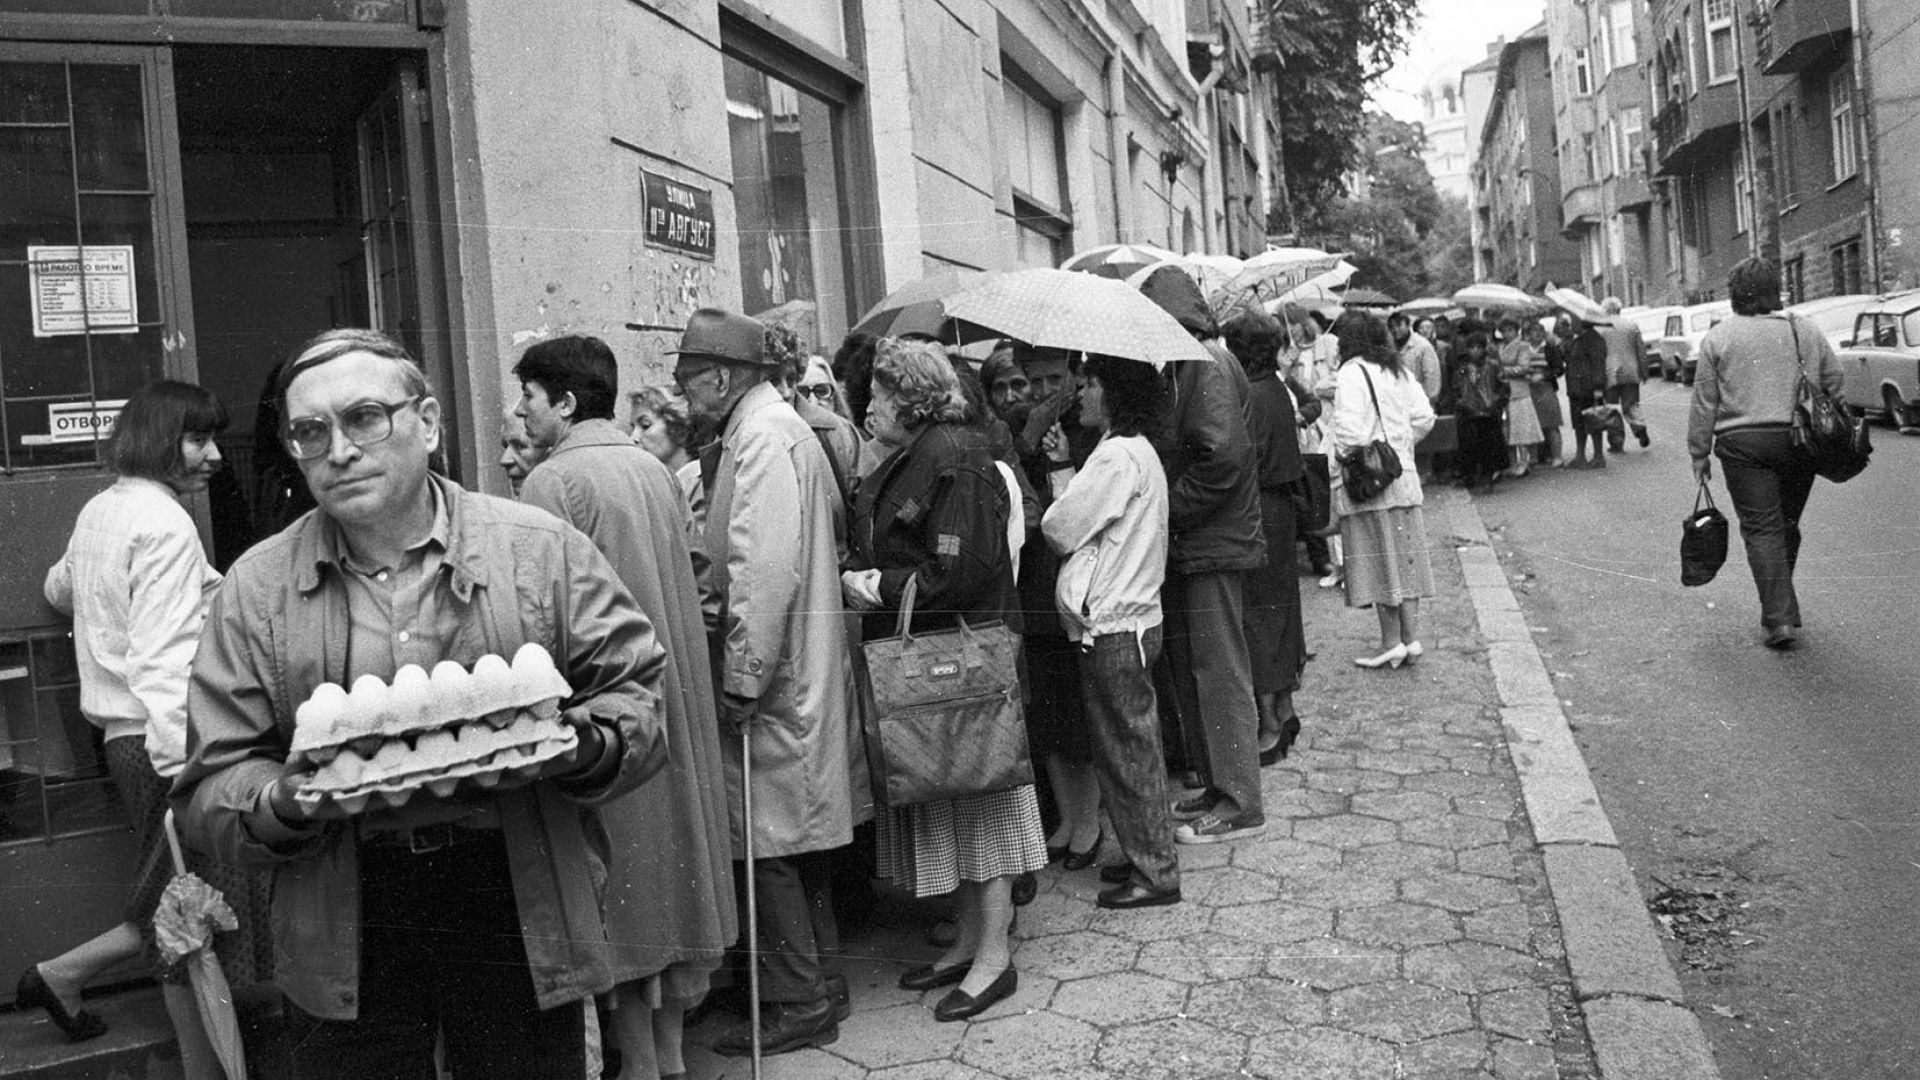 През 1991 г. за повечето хора няколко хляба също се оказват истинско богатство. Снимка: Иван Григоров/Dir.bg